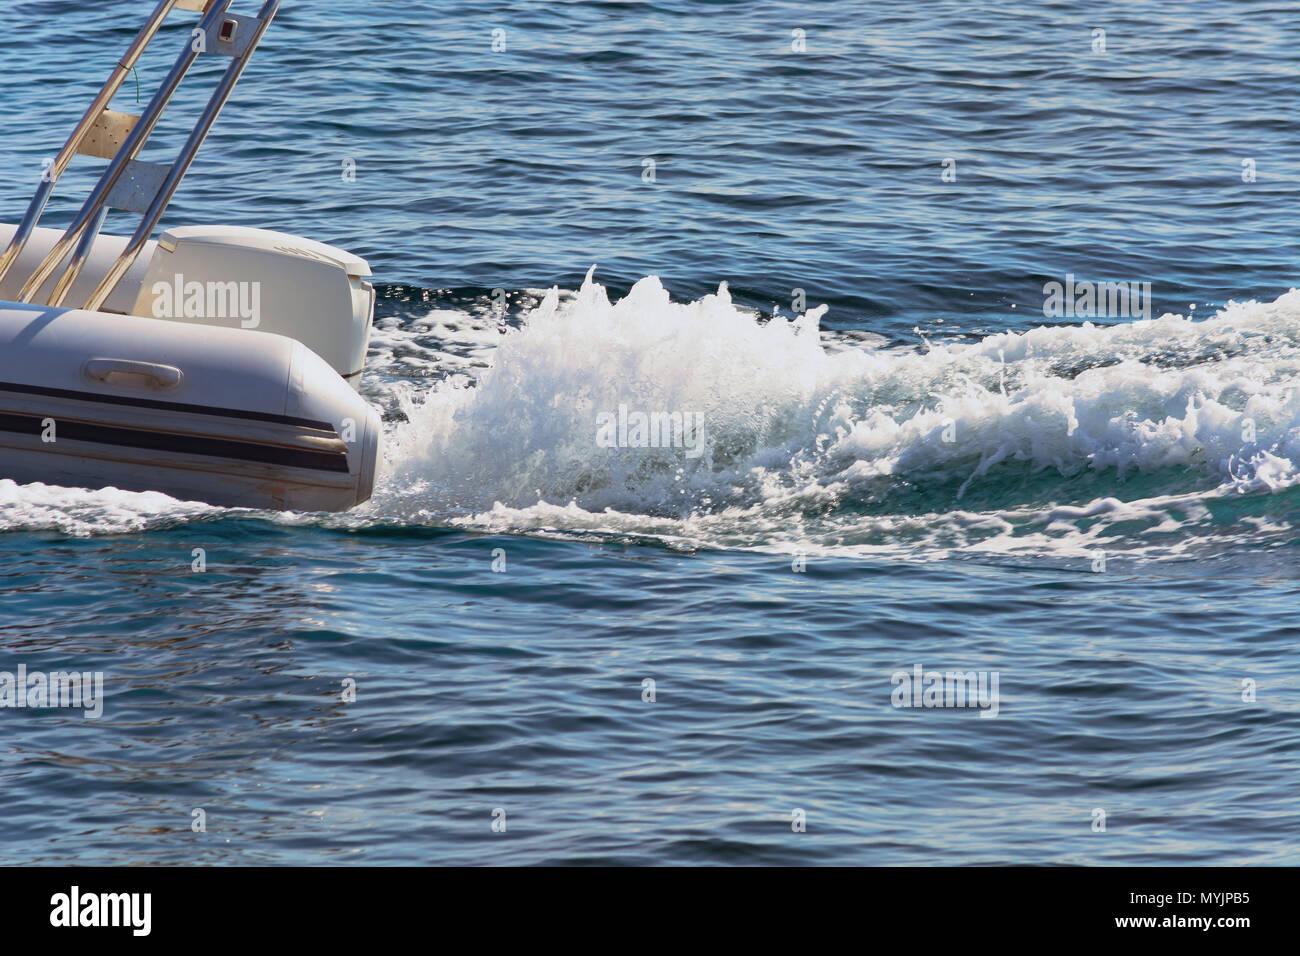 Schlauchboot mit Motor Außenboard in voller Fahrt Stockbild